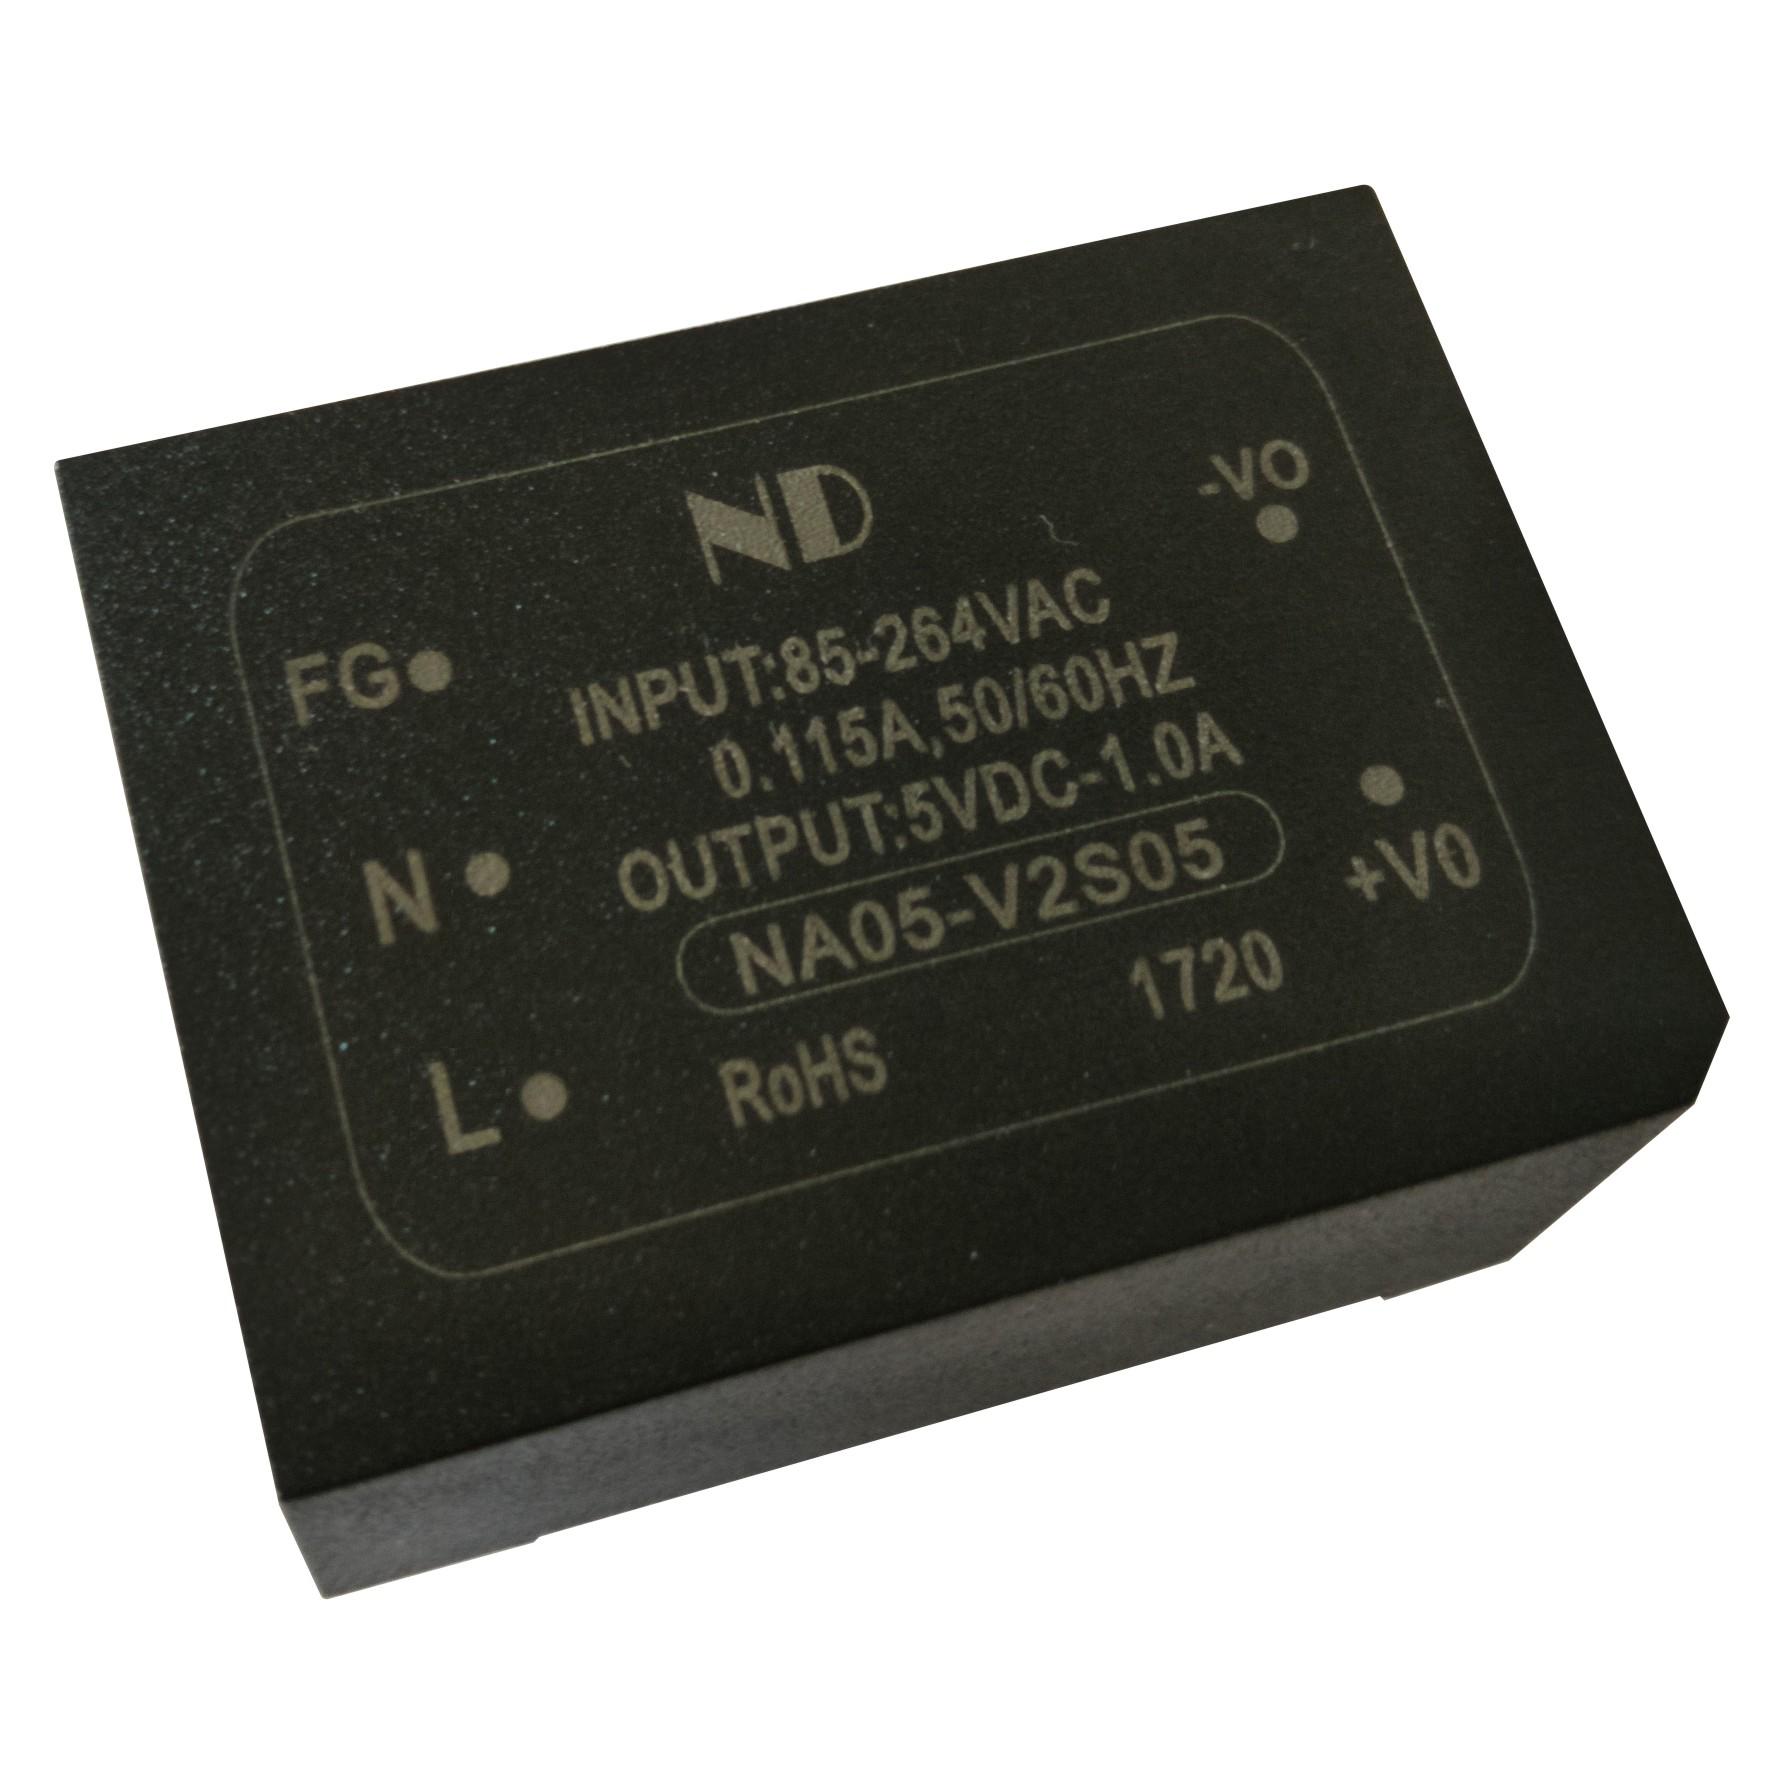 NA05-V2SXX